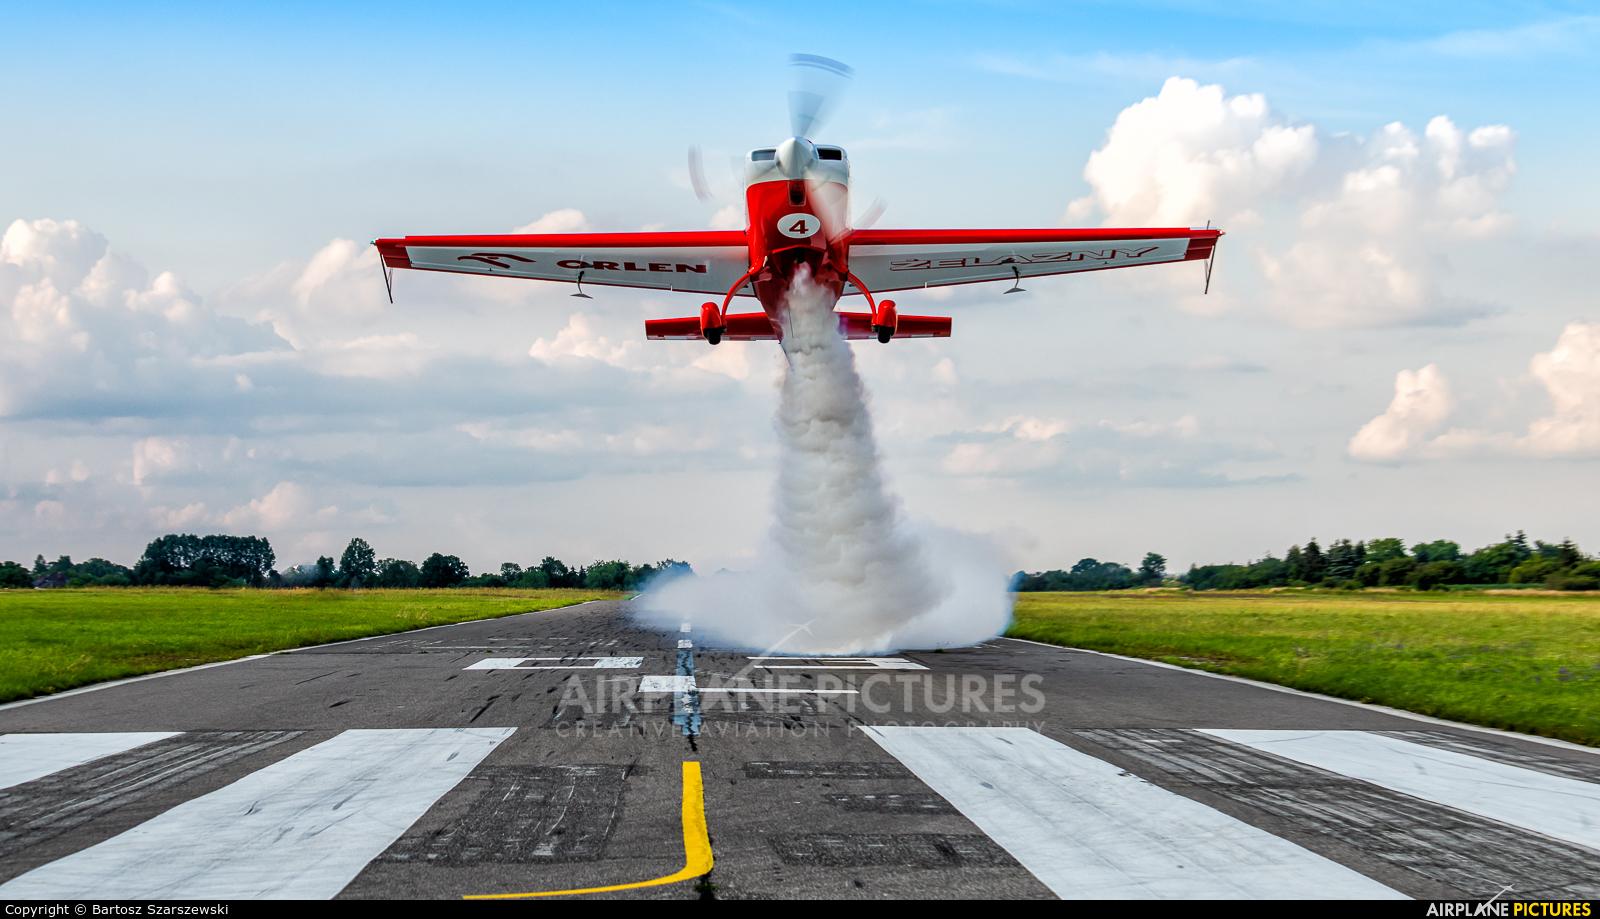 Grupa Akrobacyjna Żelazny - Acrobatic Group SP-UTA aircraft at Piotrków Trybunalski